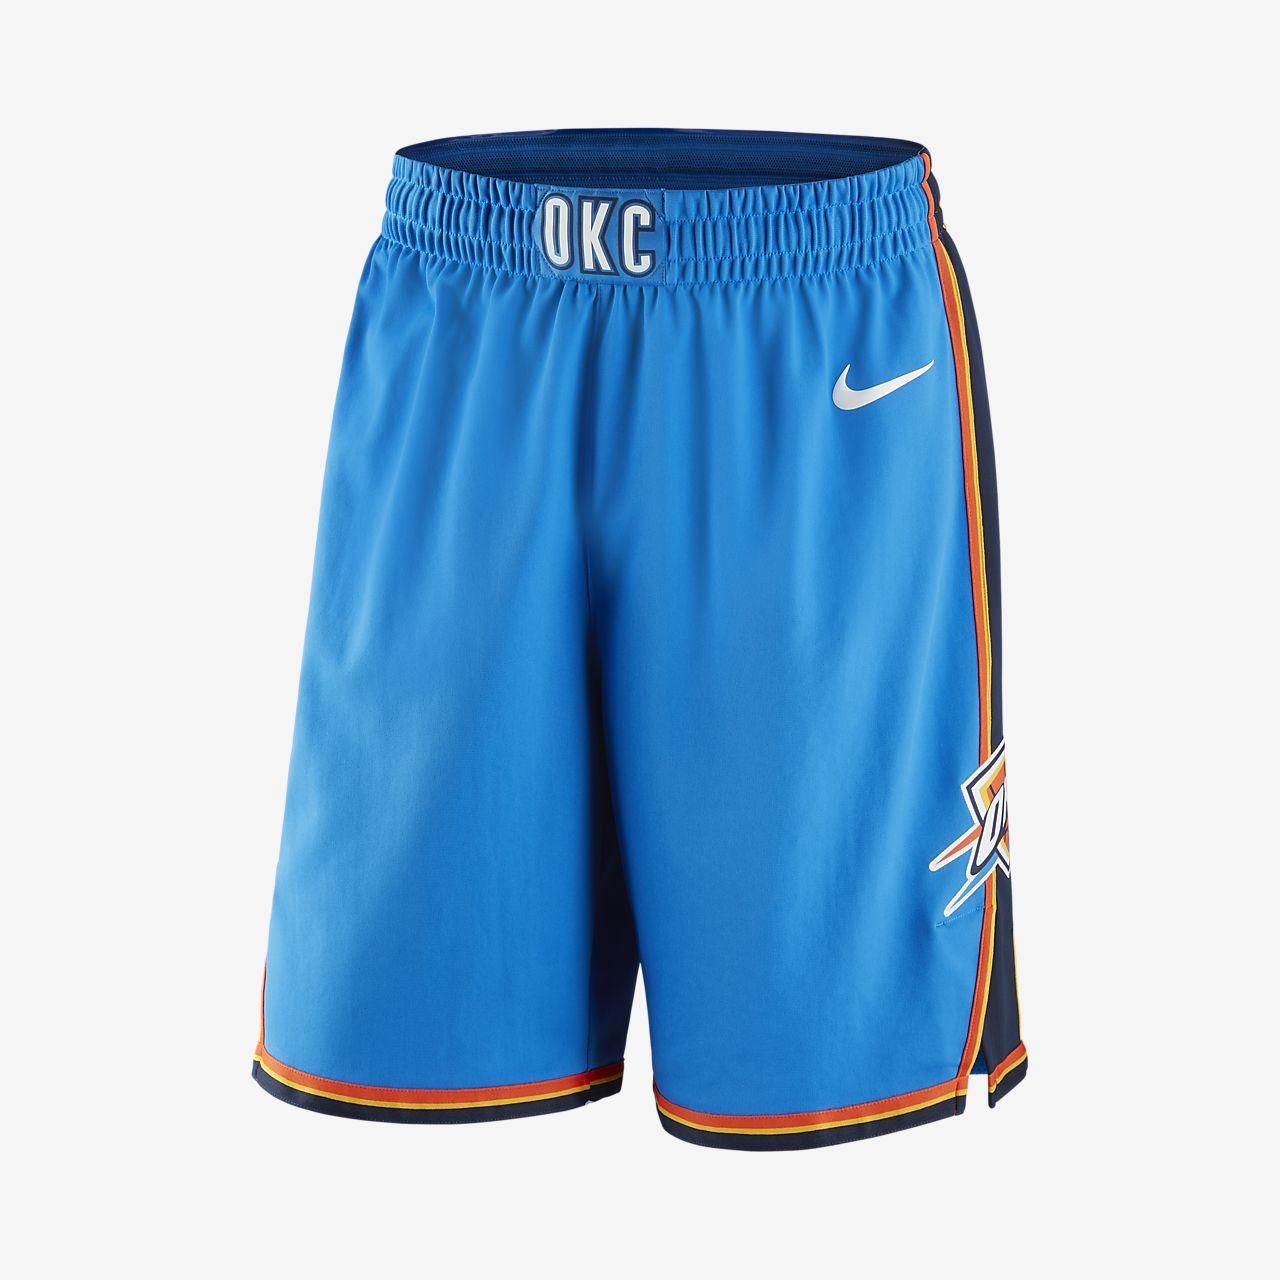 Oklahoma City Thunder Nike Men's NBA